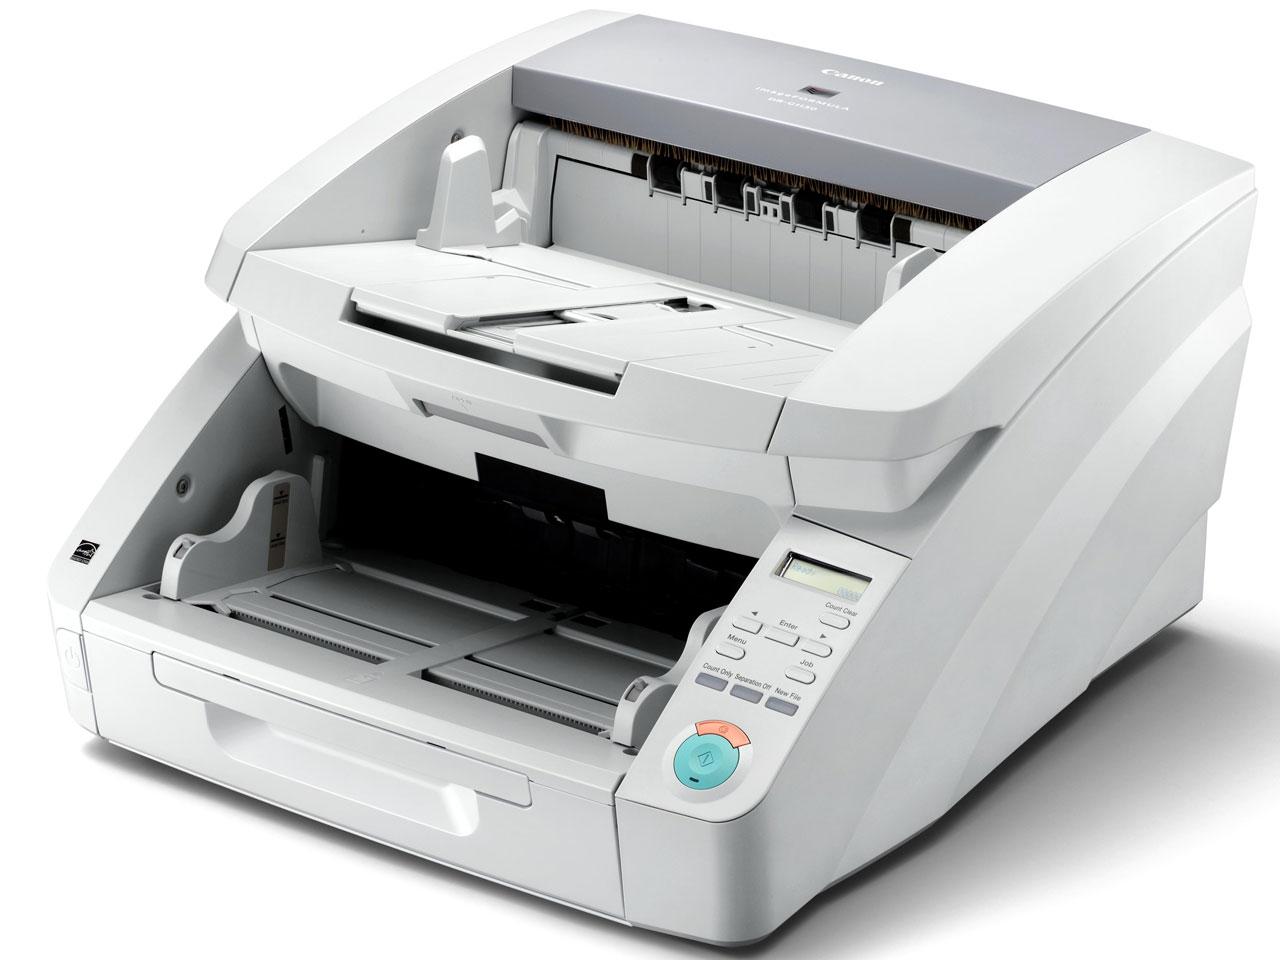 Canon DR-G1100 imageFORMULA Scanner Ink